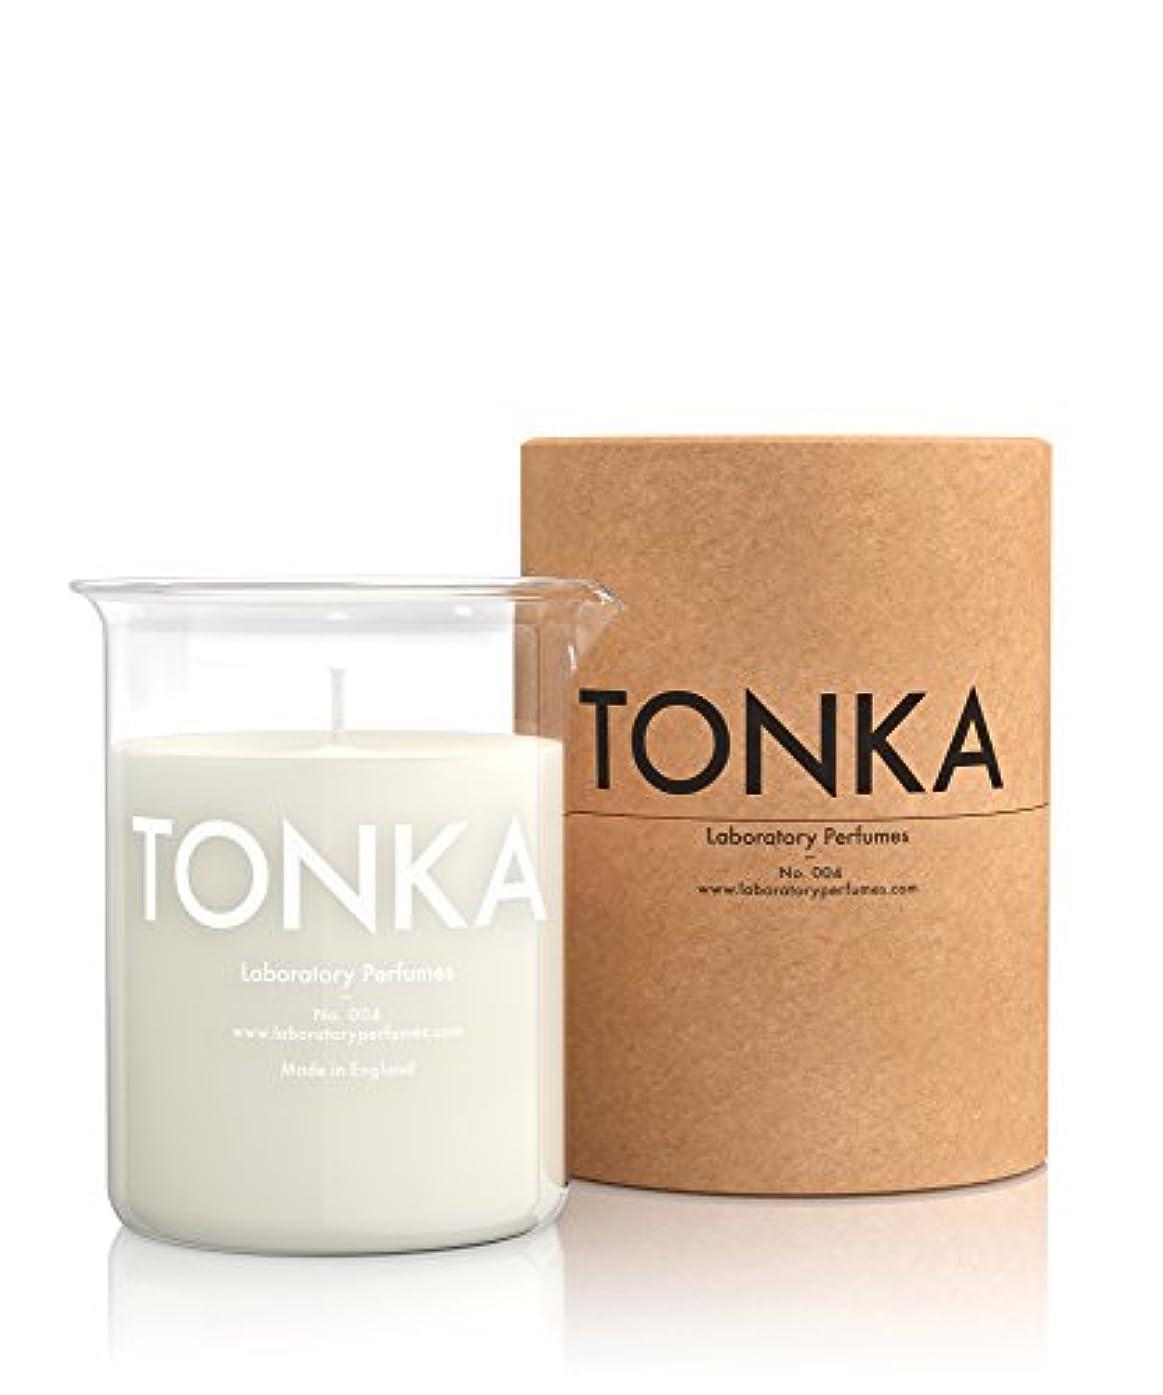 ブラジャーホーン関連するLabortory Perfumes キャンドル トンカ Tonka (アロマティックオリエンタル Aromatic Oriental) Candle ラボラトリー パフューム